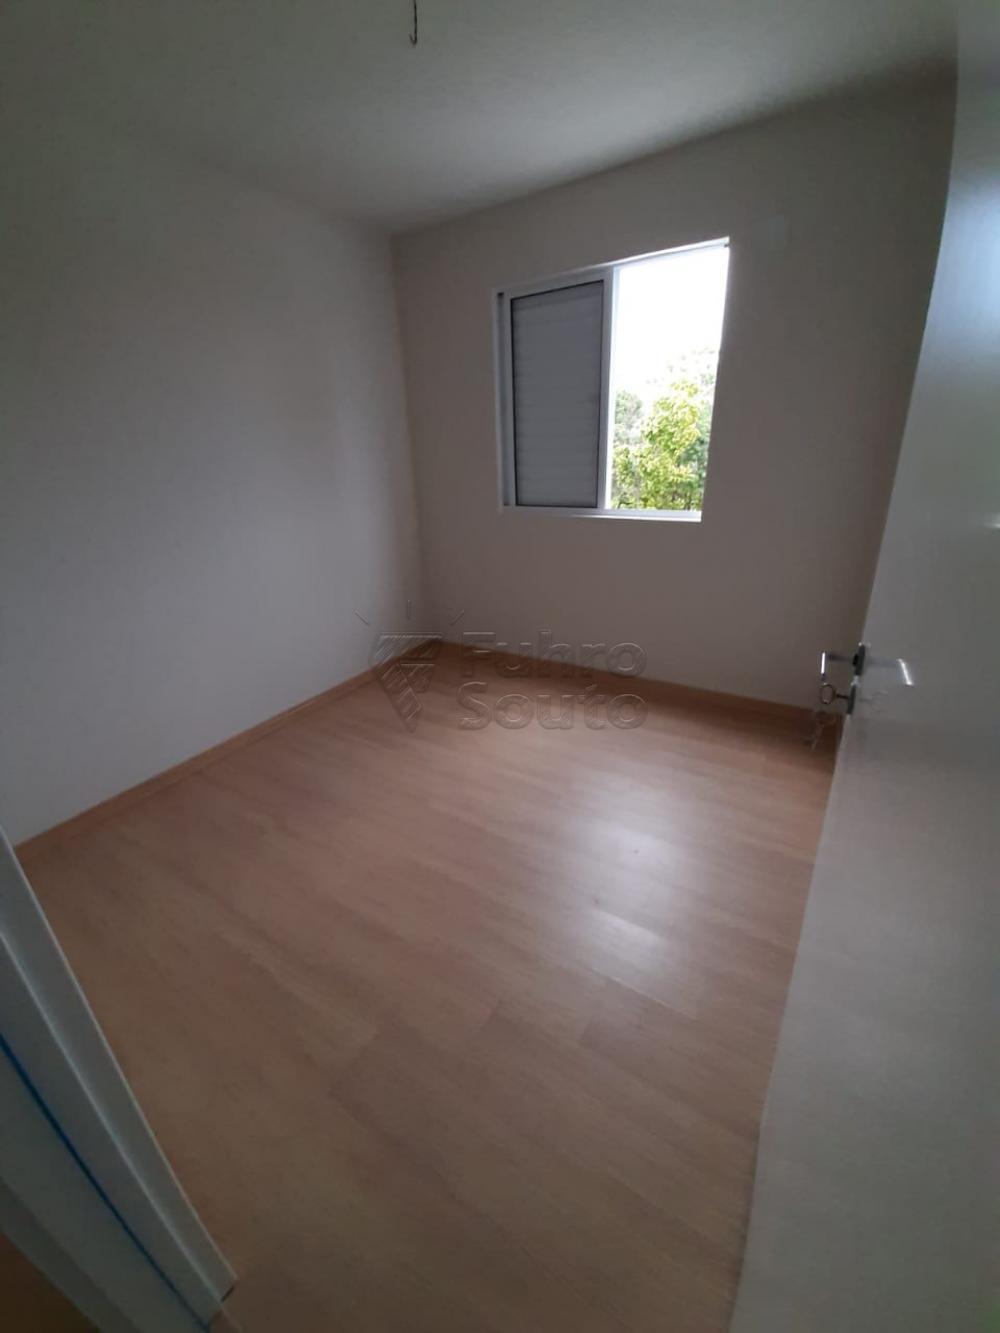 Comprar Apartamento / Padrão em Pelotas R$ 148.000,00 - Foto 5